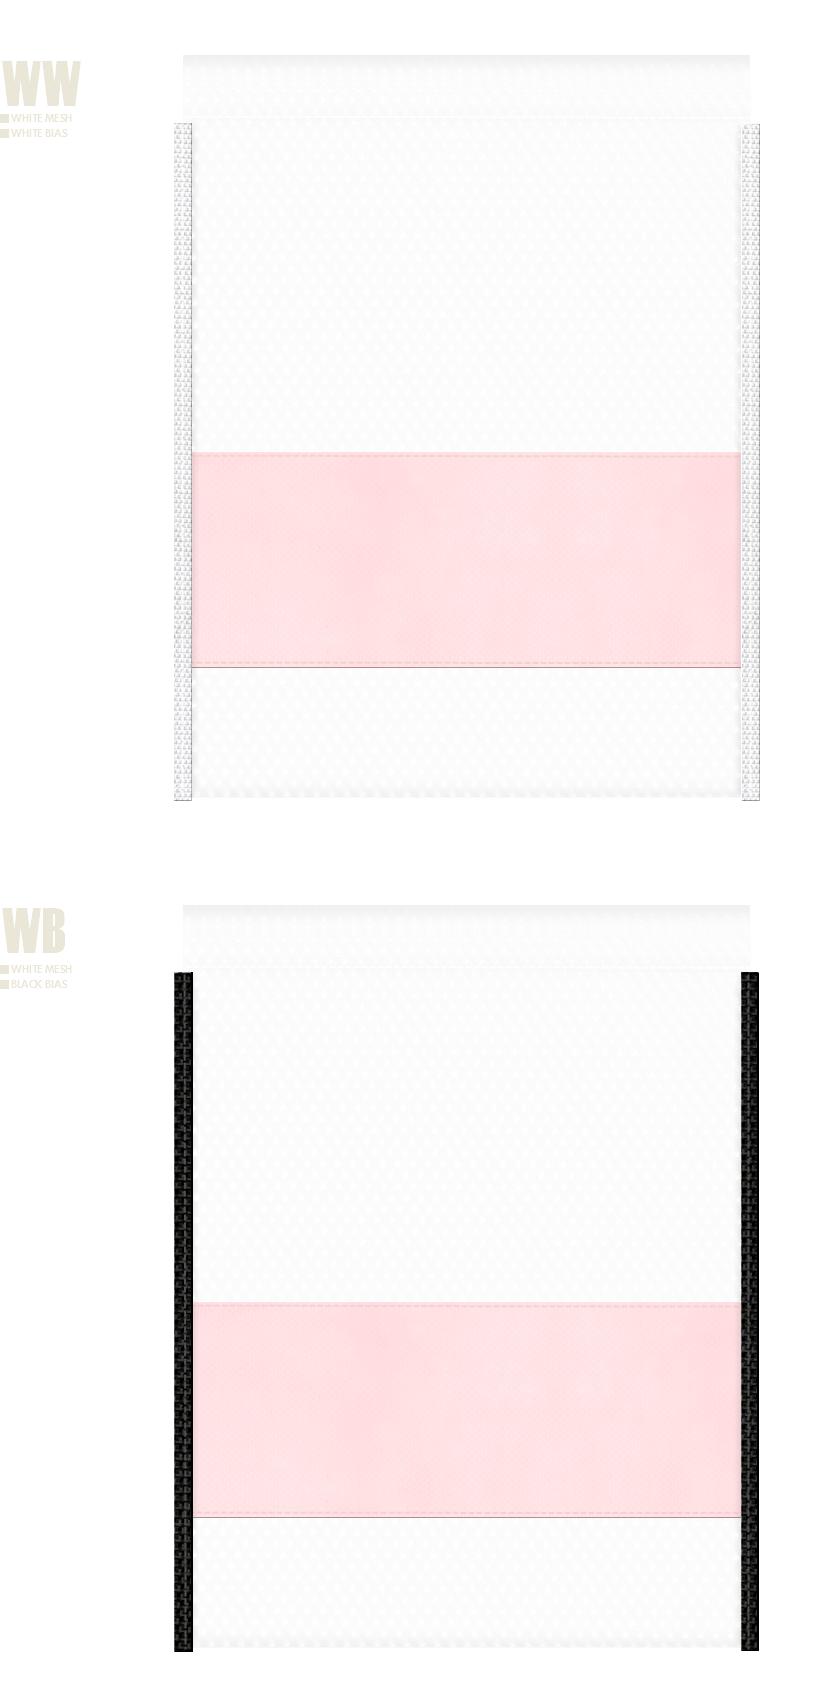 白色メッシュと桜色不織布のメッシュバッグカラーシミュレーション:キャンプ用品・アウトドア用品・スポーツ用品・シューズバッグ・コスメの販促ノベルティにお奨め